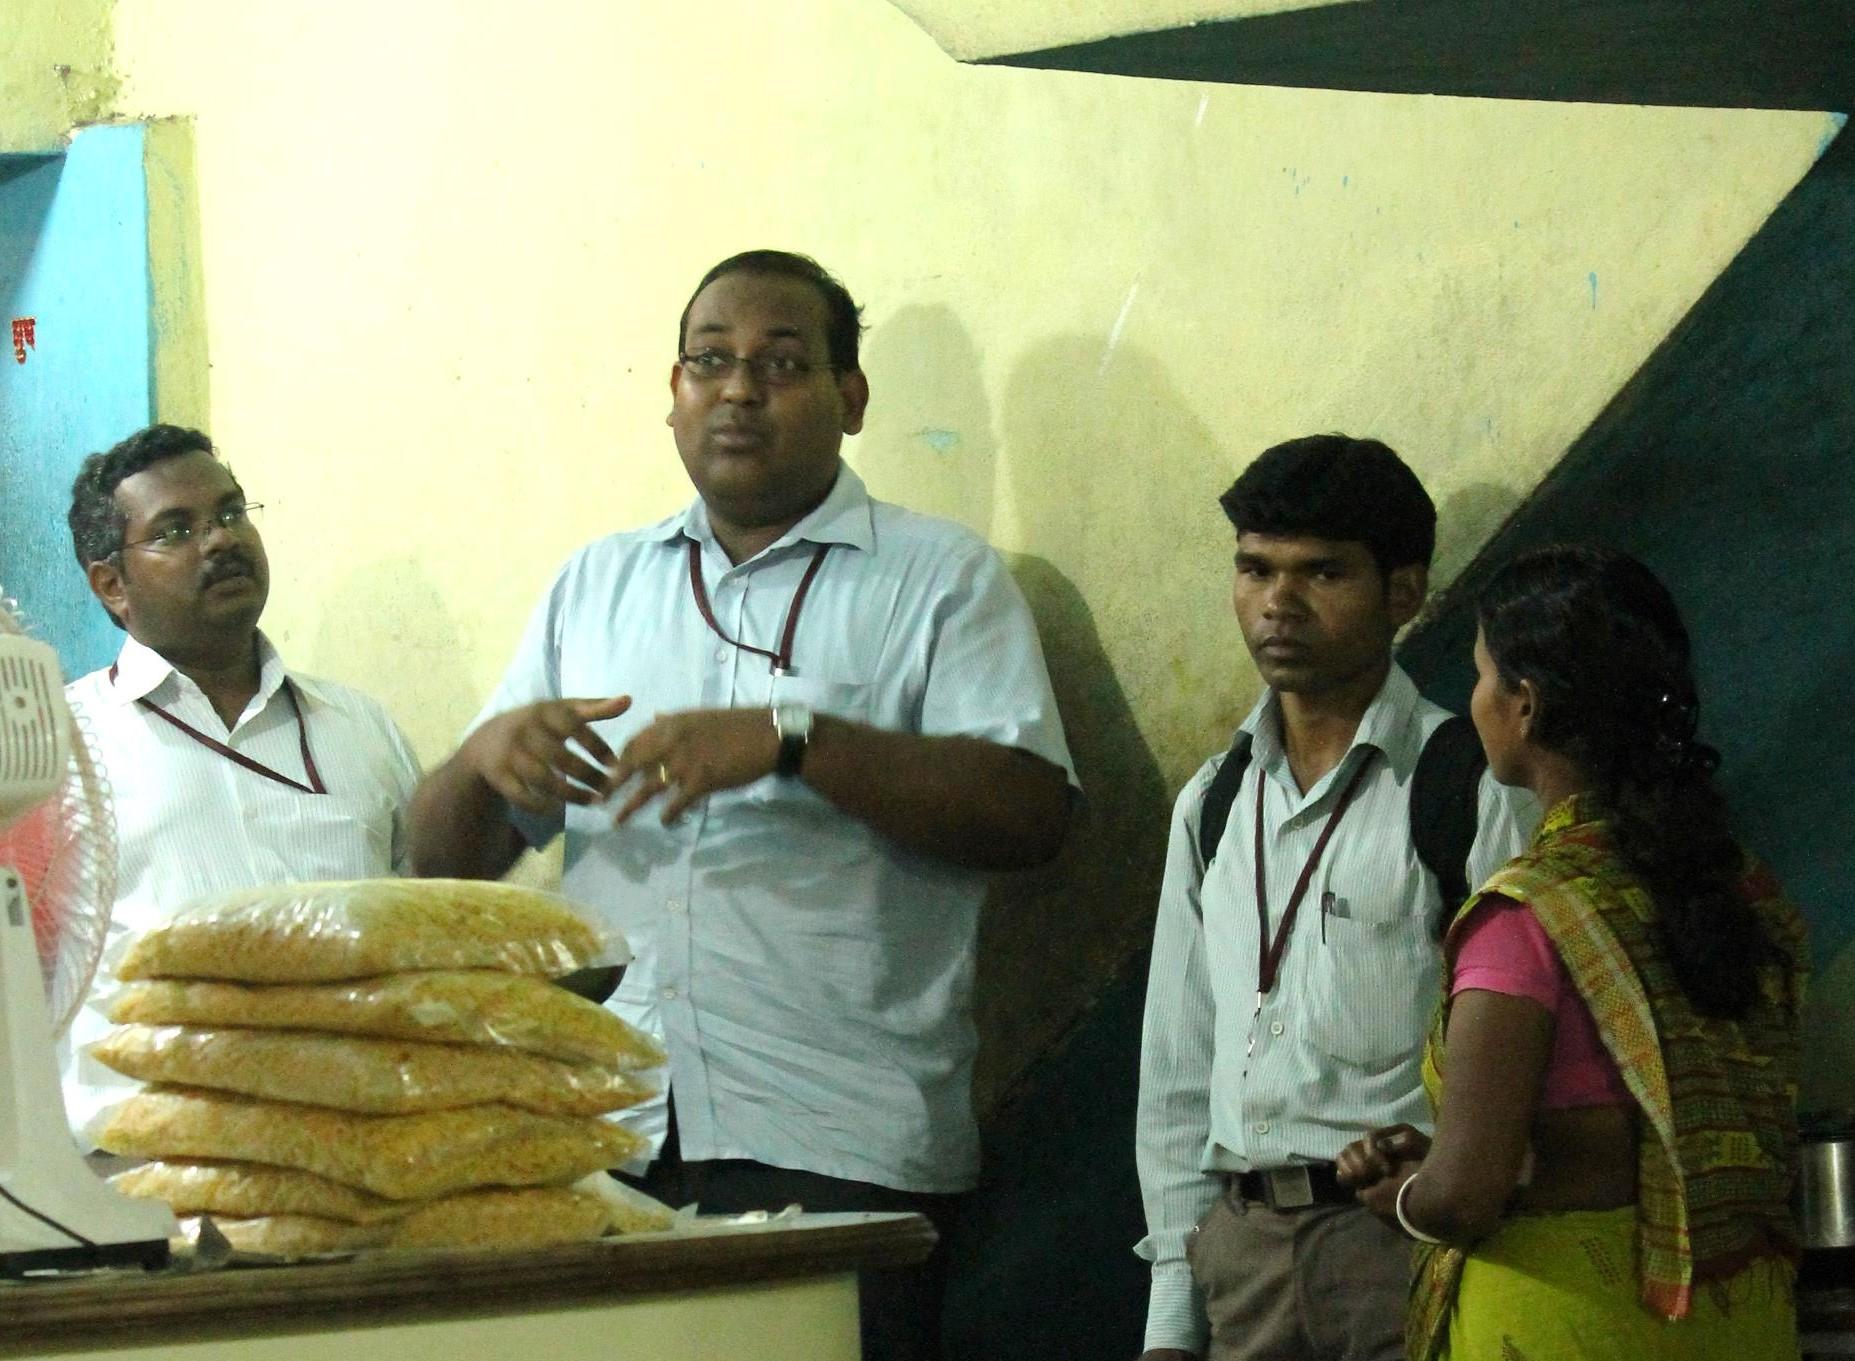 Ấn Độ: Gian lận nghiêm trọng tại Tập đoàn tài chính Sambandh Finserve